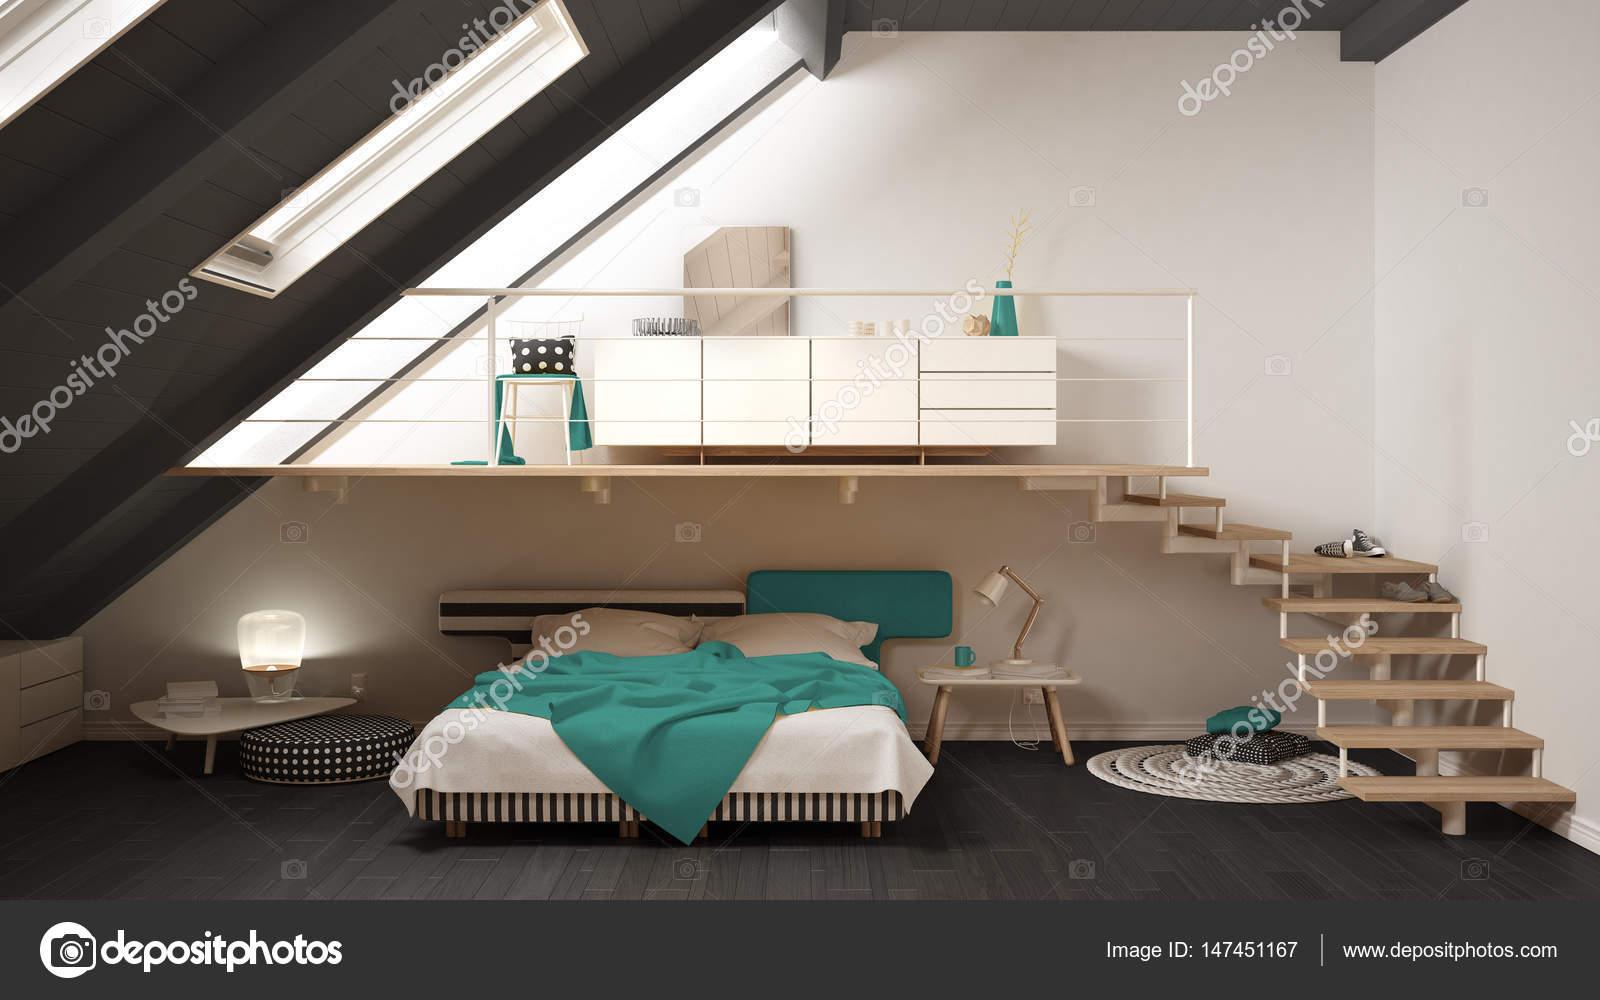 Camere Da Letto Turchese : Camera da letto minimalista a loft soppalco scandinavo turchese e